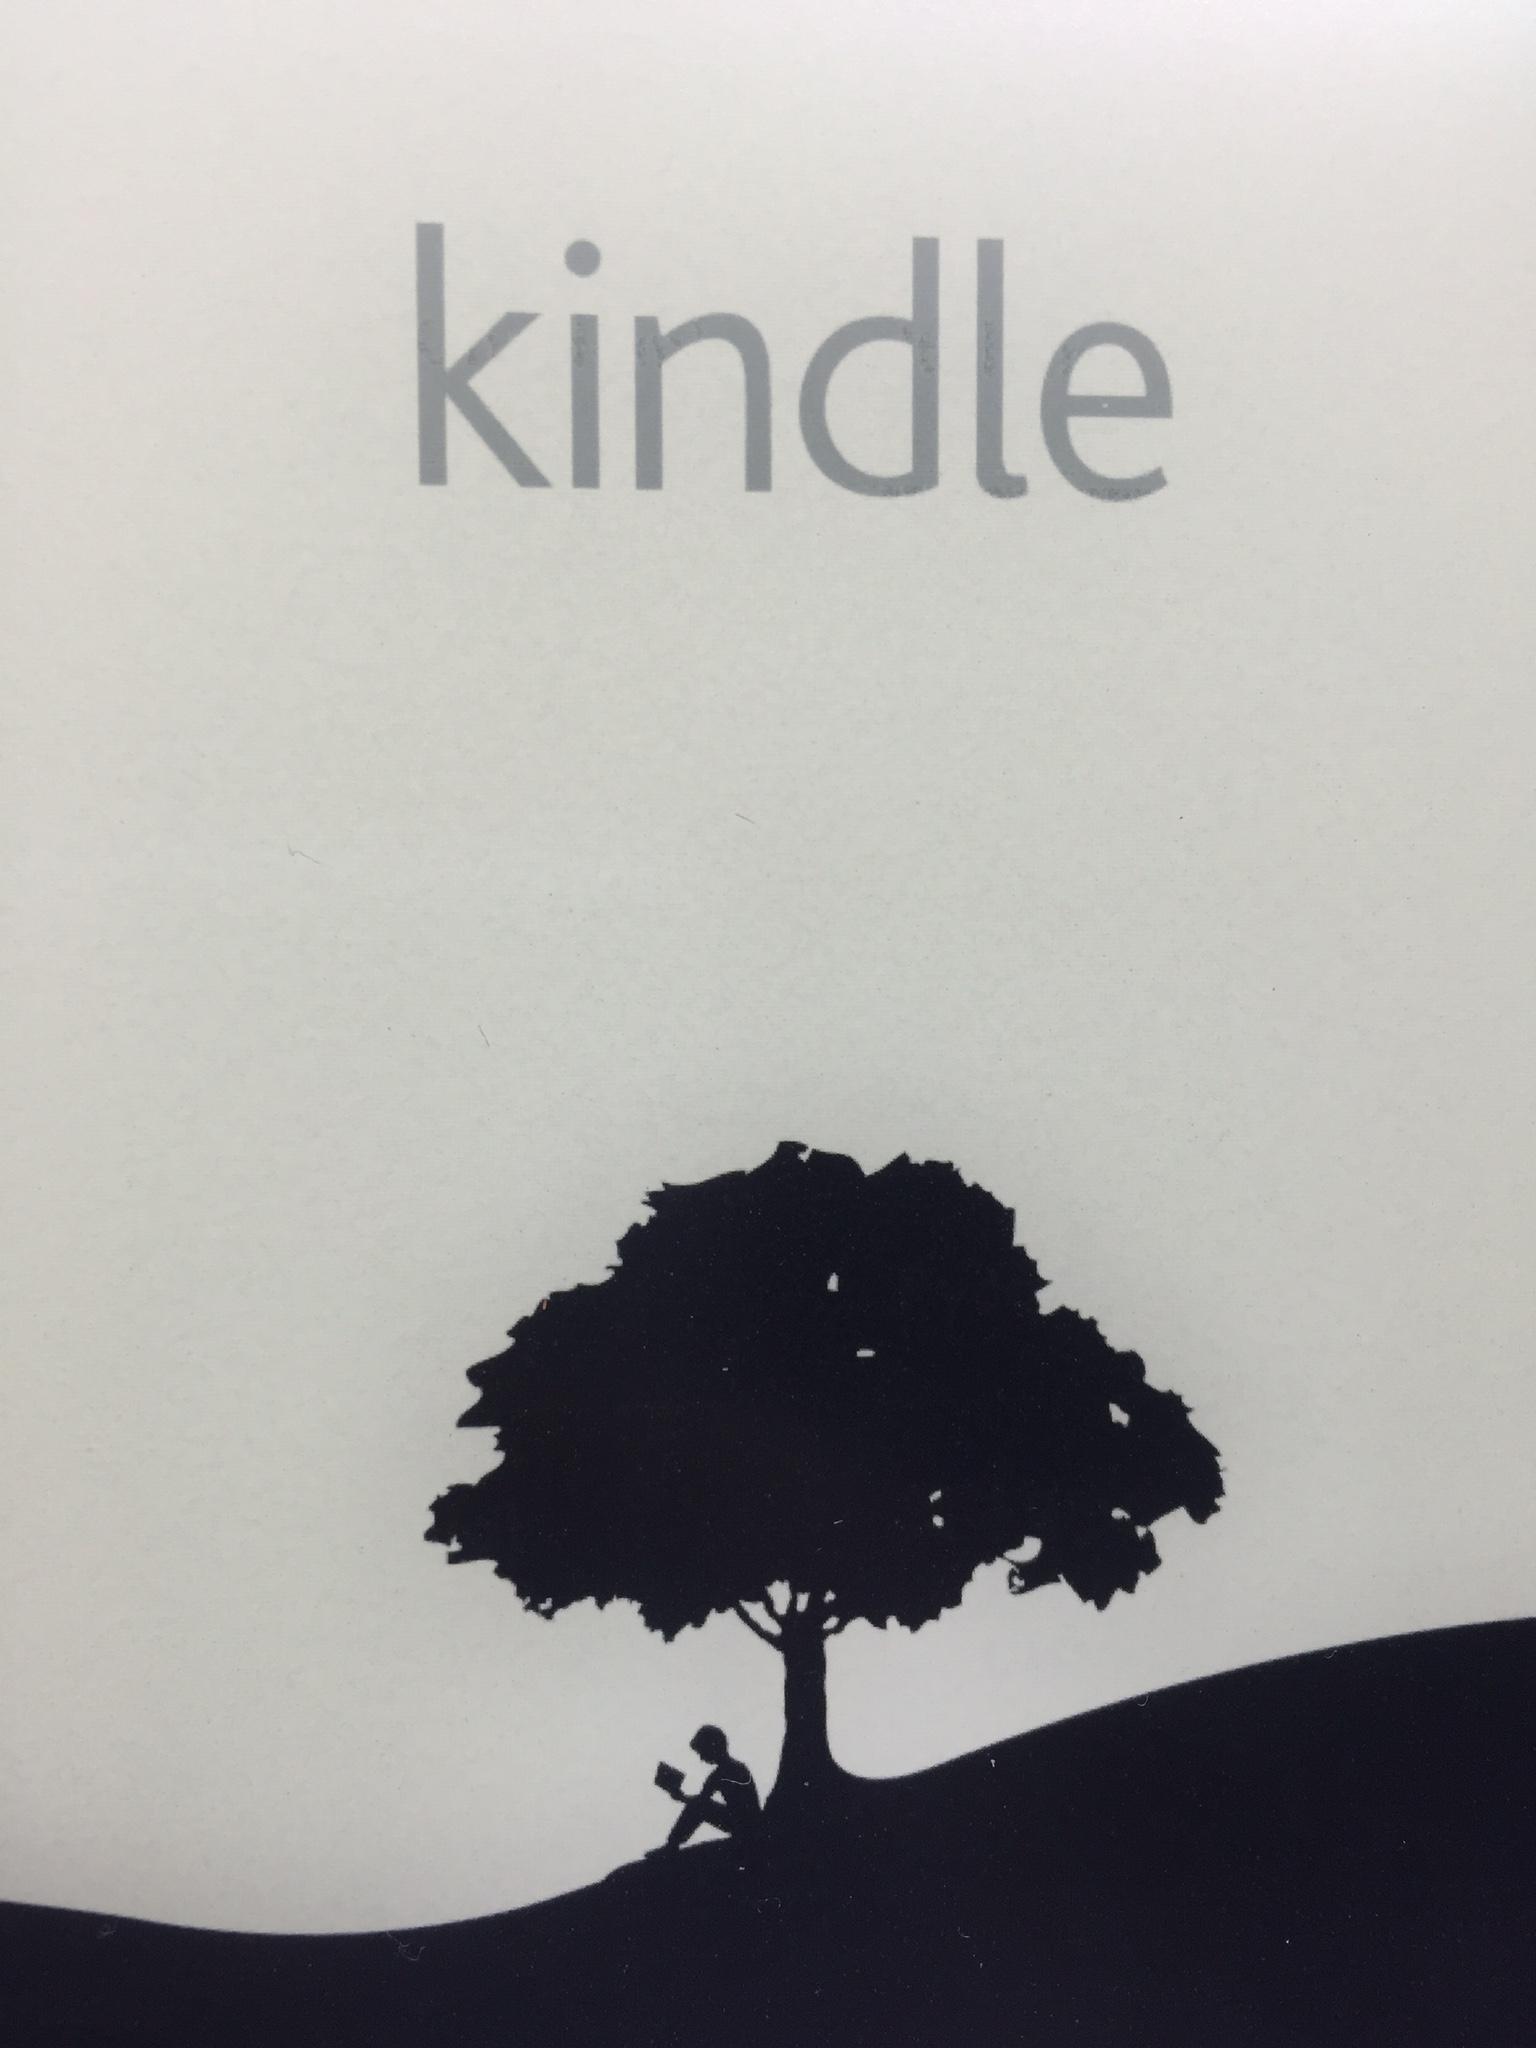 【小技】Kindleで本を読んでるときに出る左下の表示を消したいときの対処法